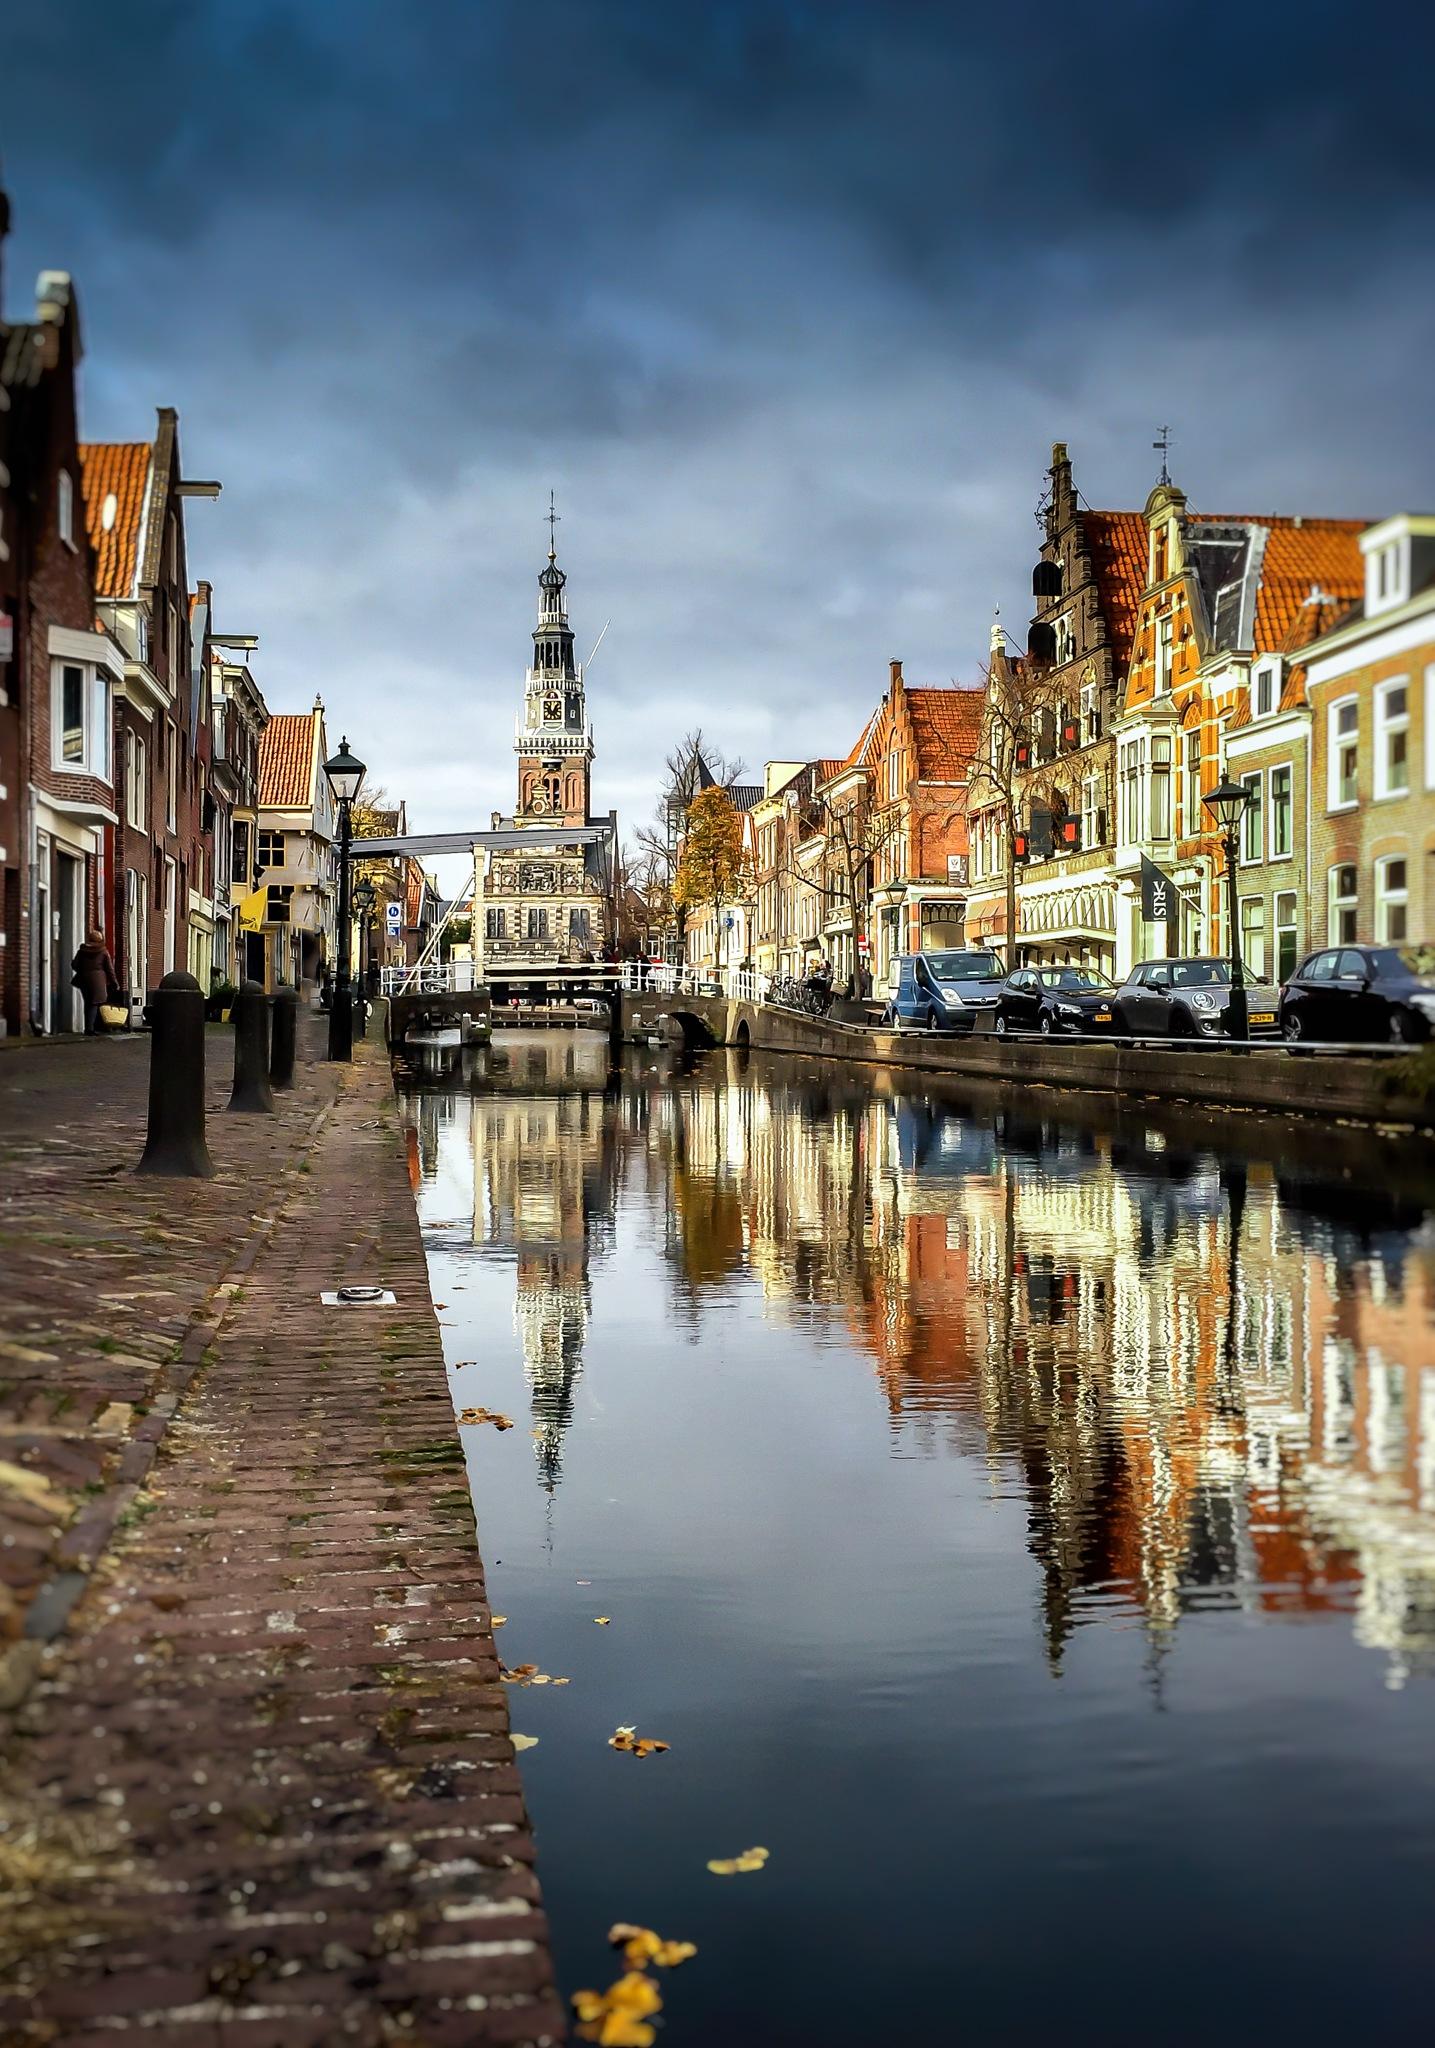 Waag by Peter van der Waard